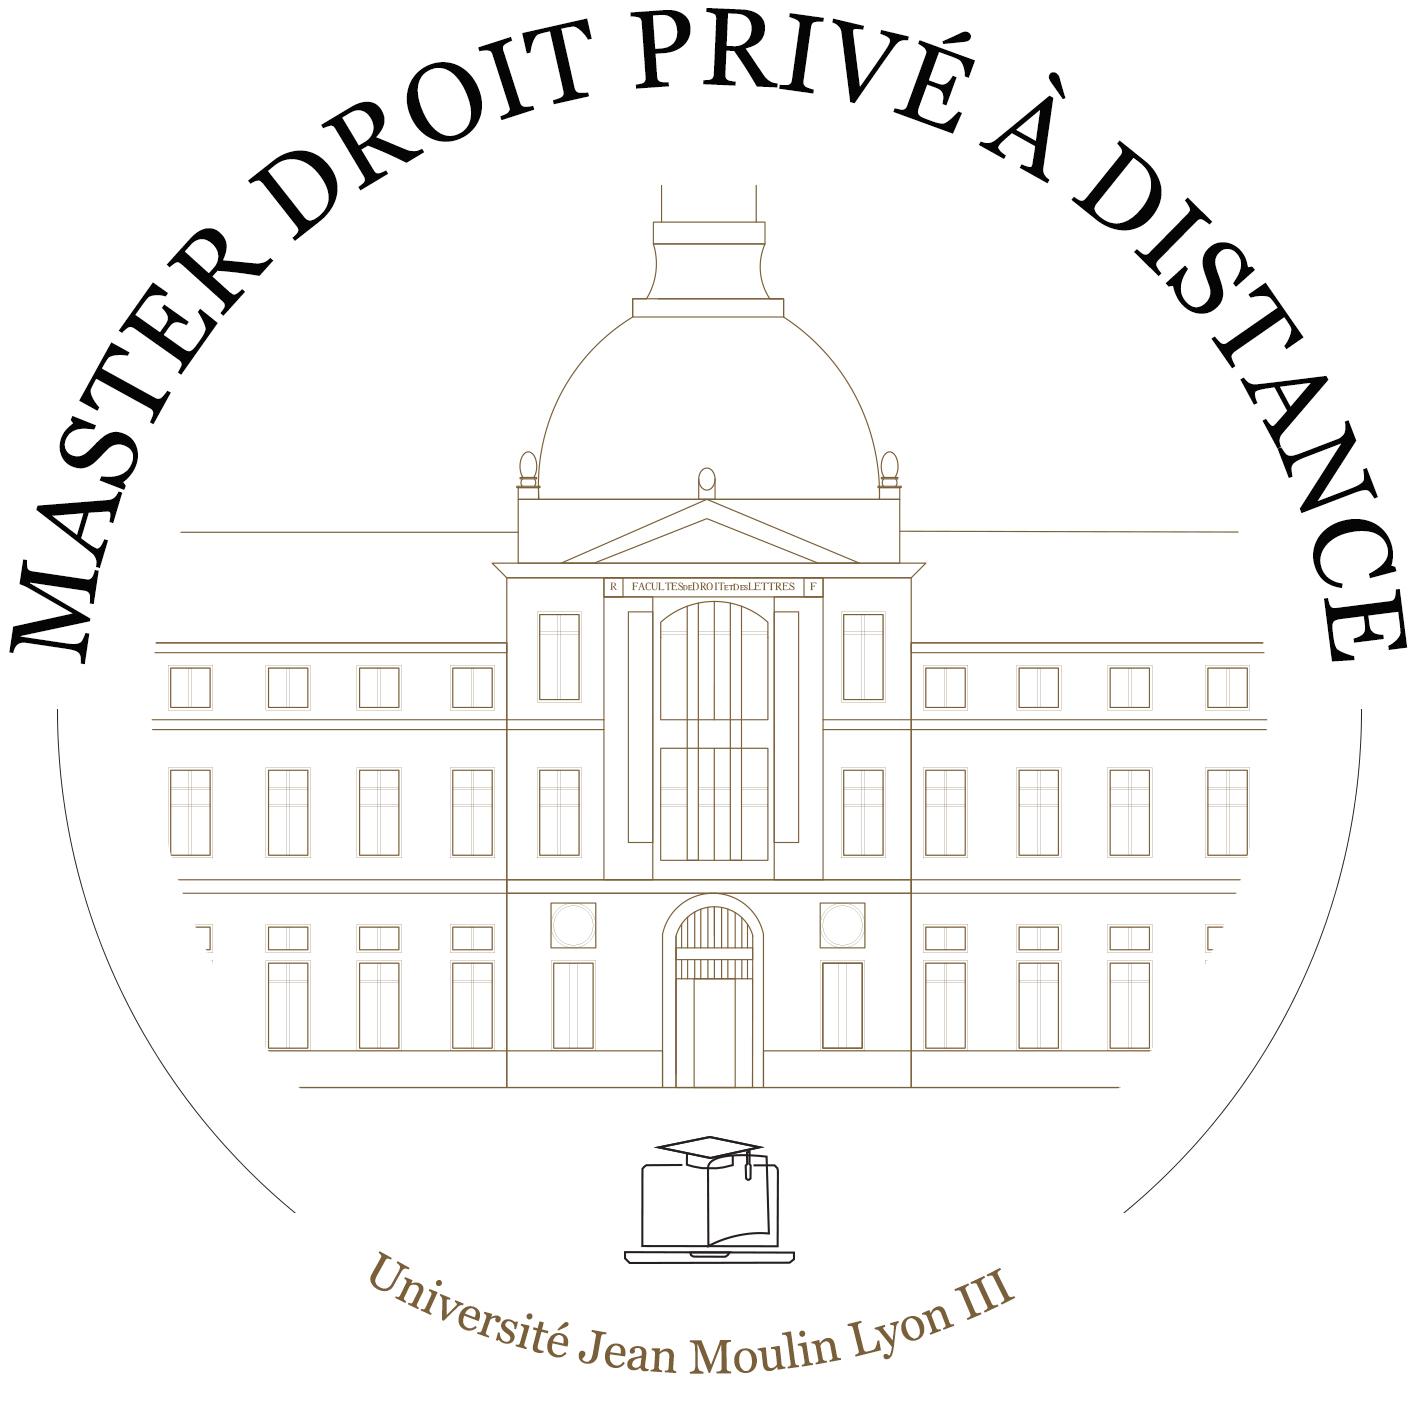 Logo Master droit privé a distance